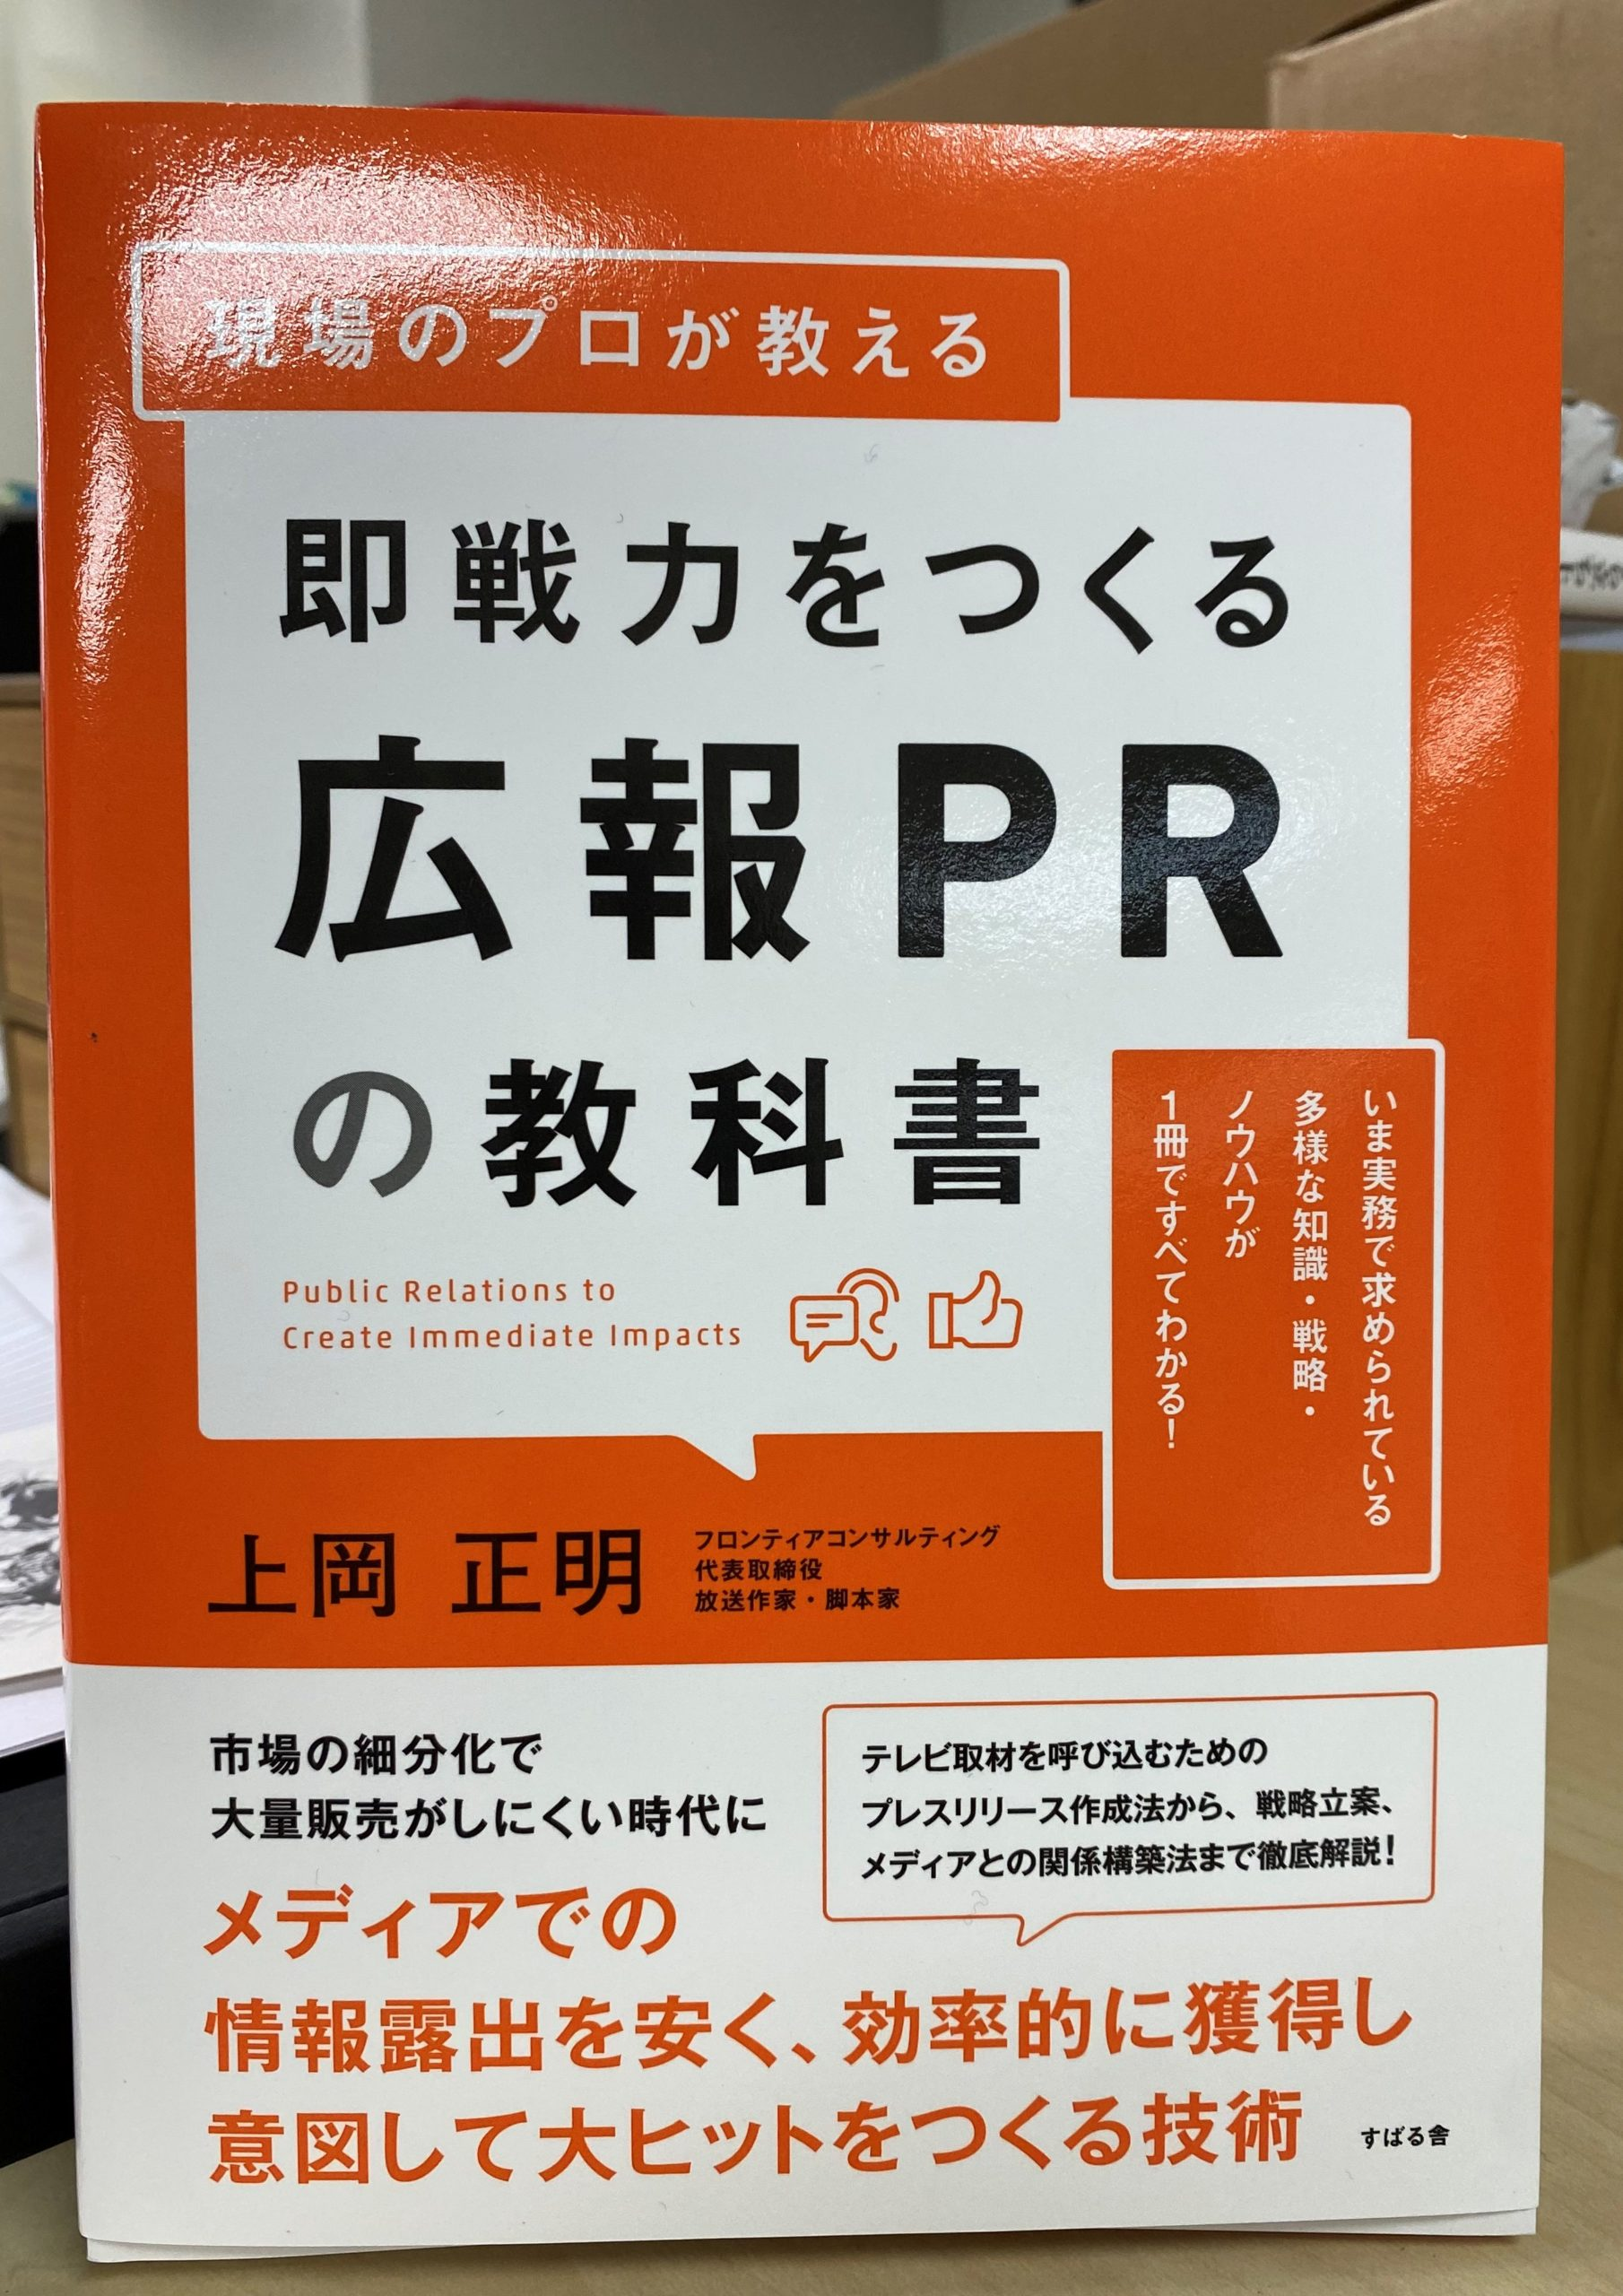 o2594366914883421104 1 scaled - 人生初の実用書「プロが教える広報PRの教科書」を執筆しました